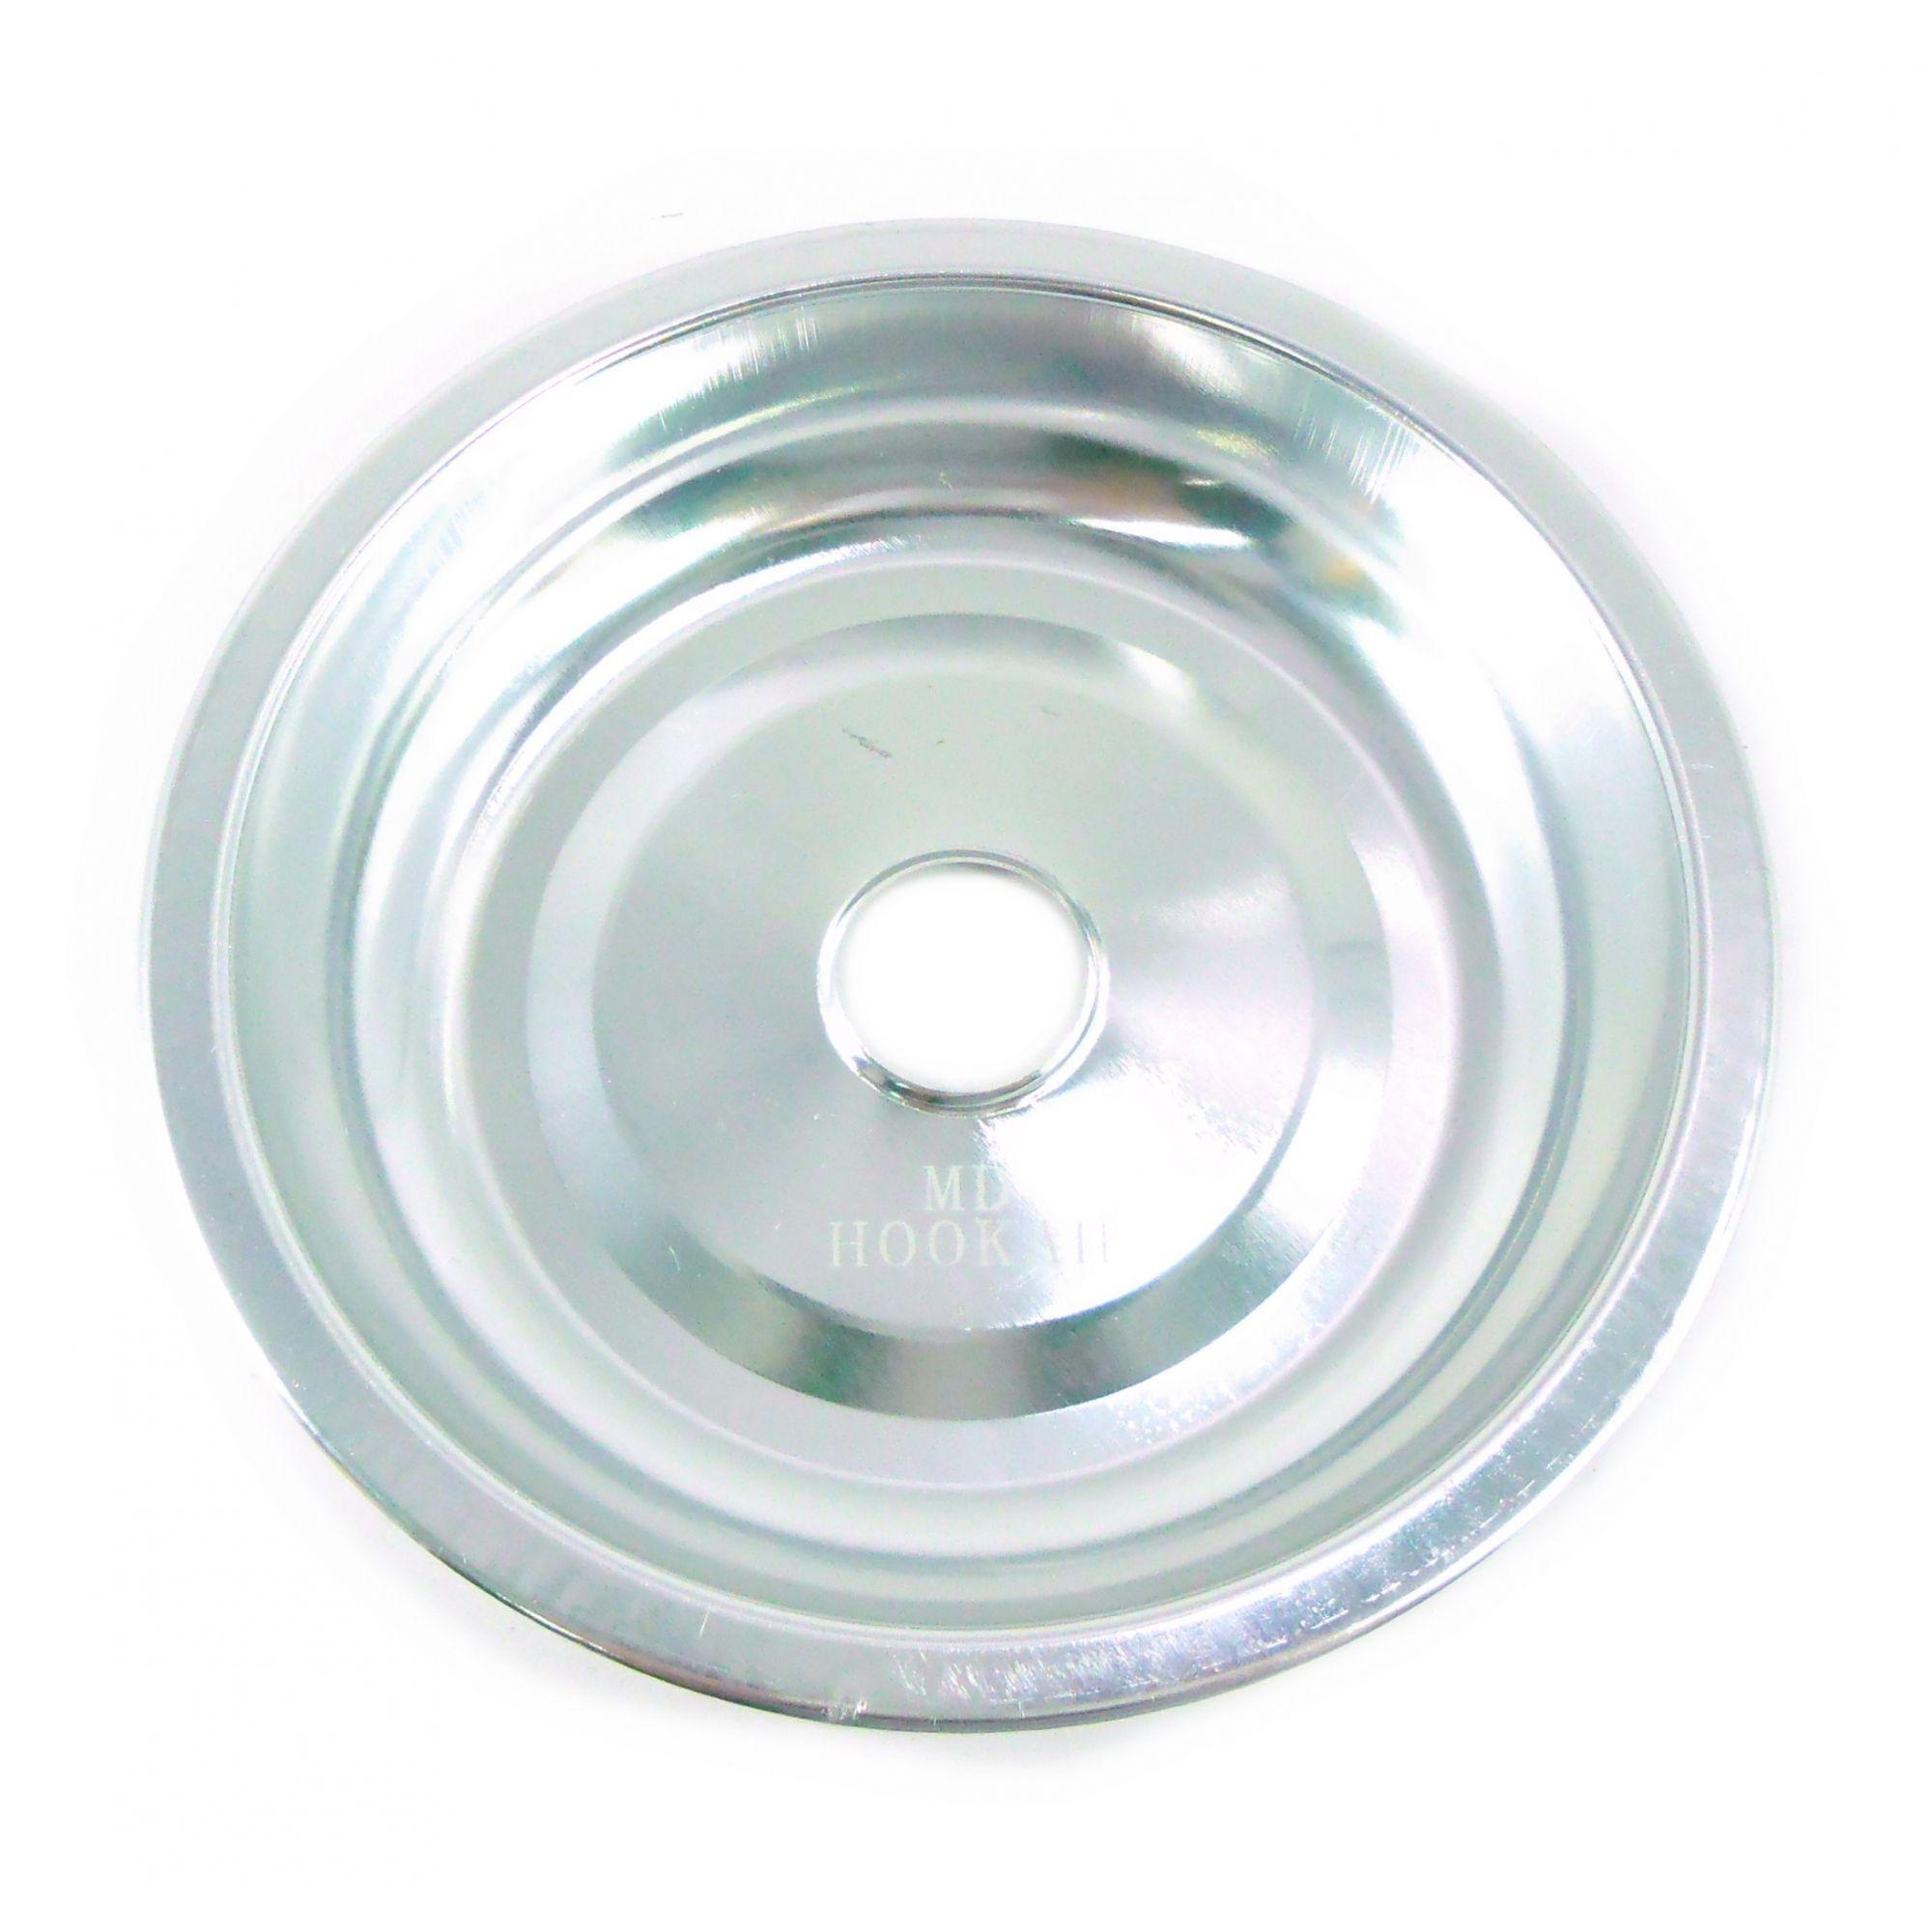 Prato para narguile em alumínio marca MD, tamanho médio (13,3cm de diâmetro, furo 2,2cm). Cromado